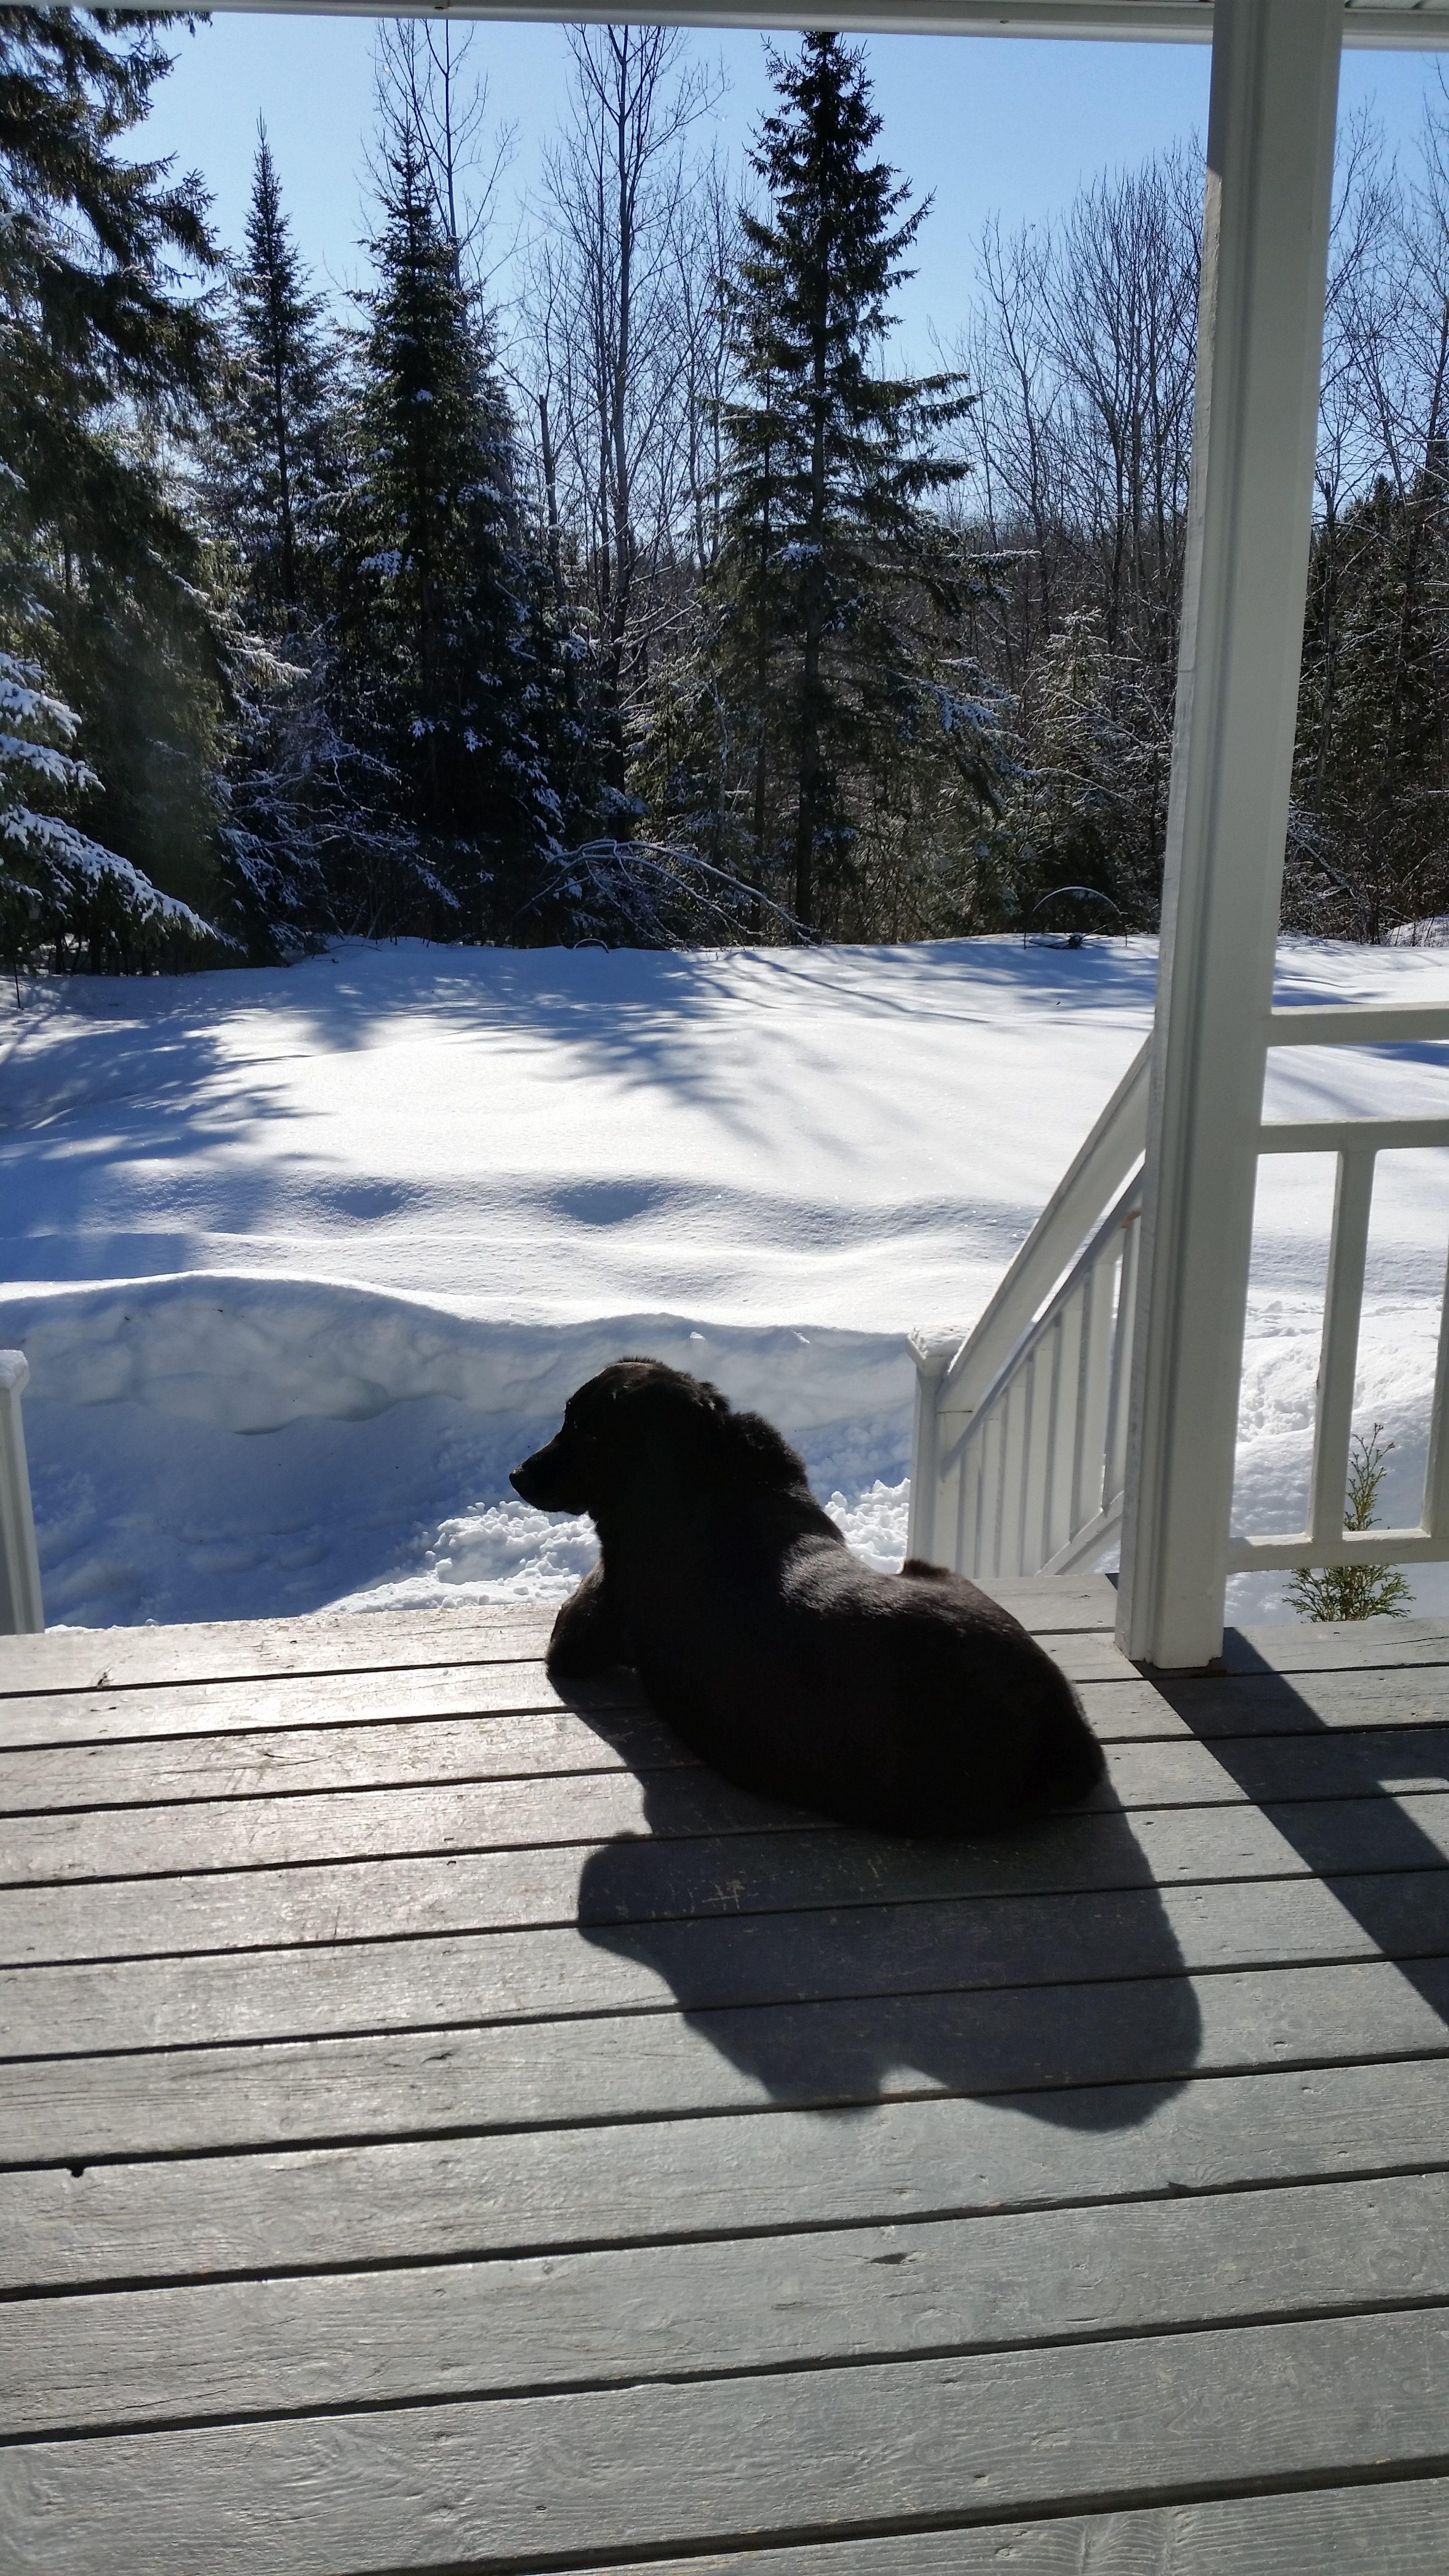 Sonne mit Schnee. Ein Traum